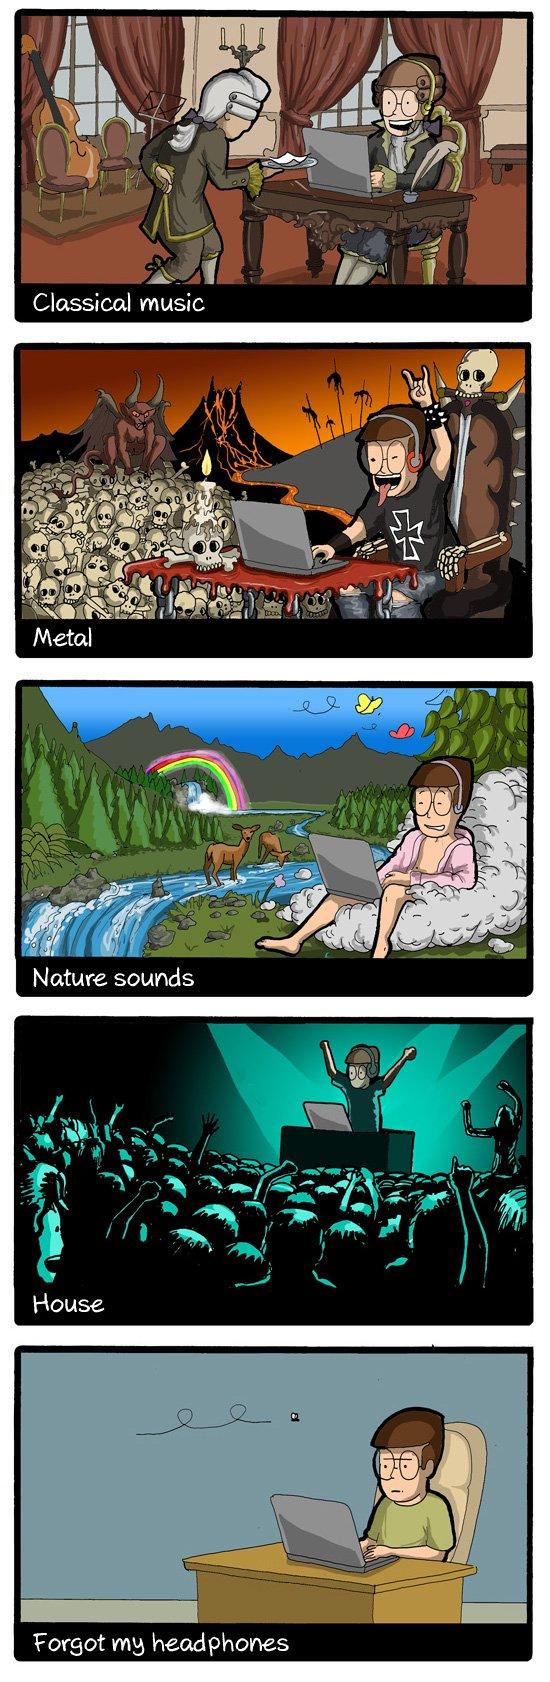 Cómo ven los programadores el mundo según la música que escuchan